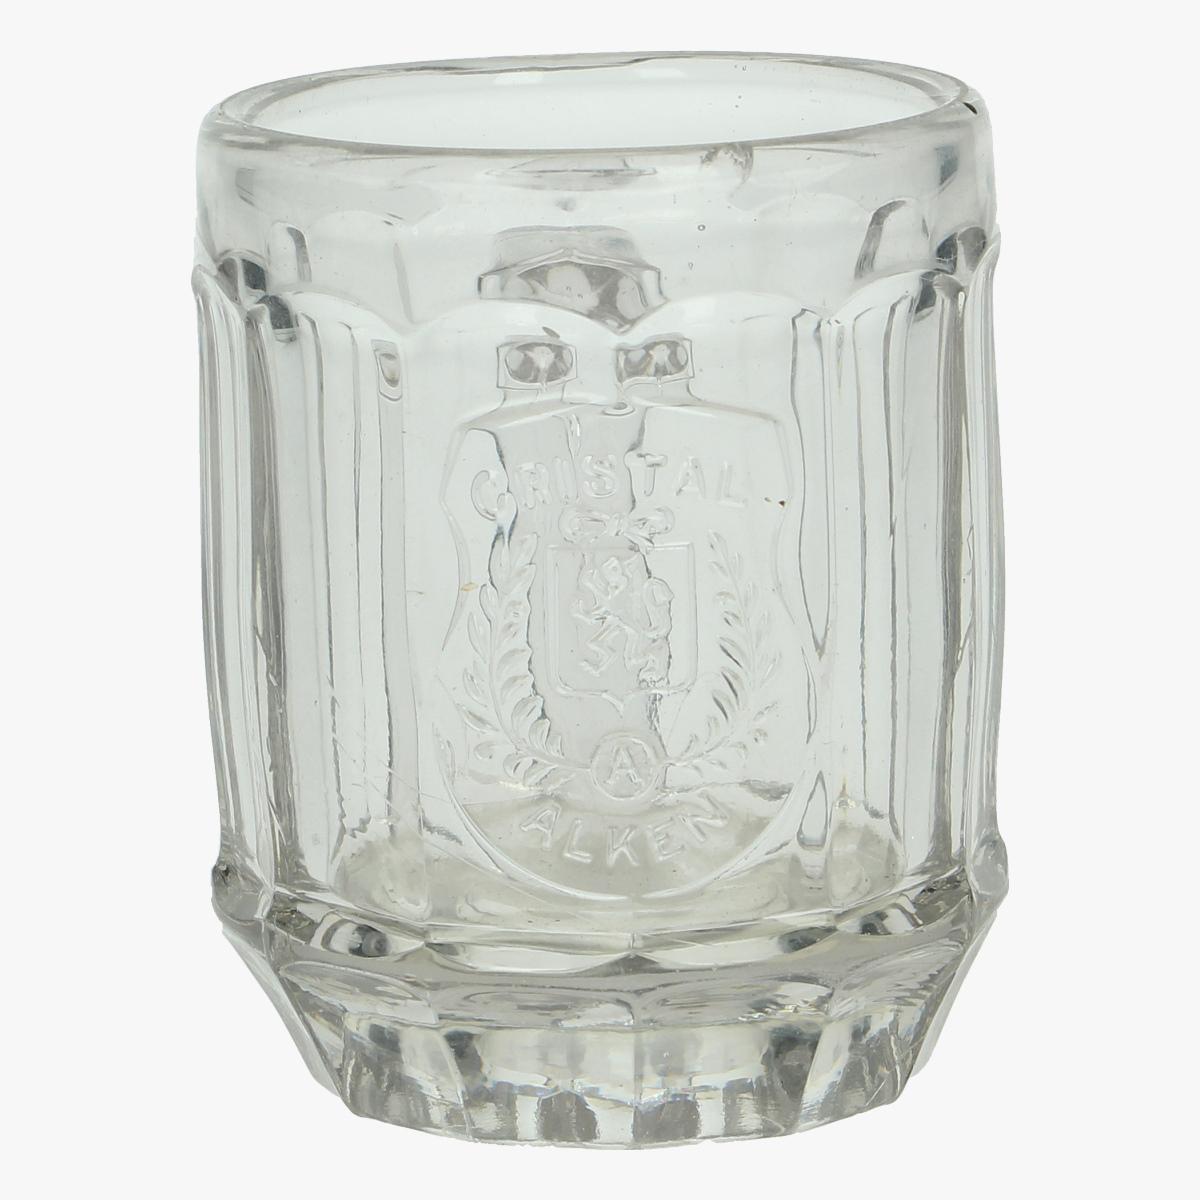 Afbeeldingen van glazen pul cristal alken